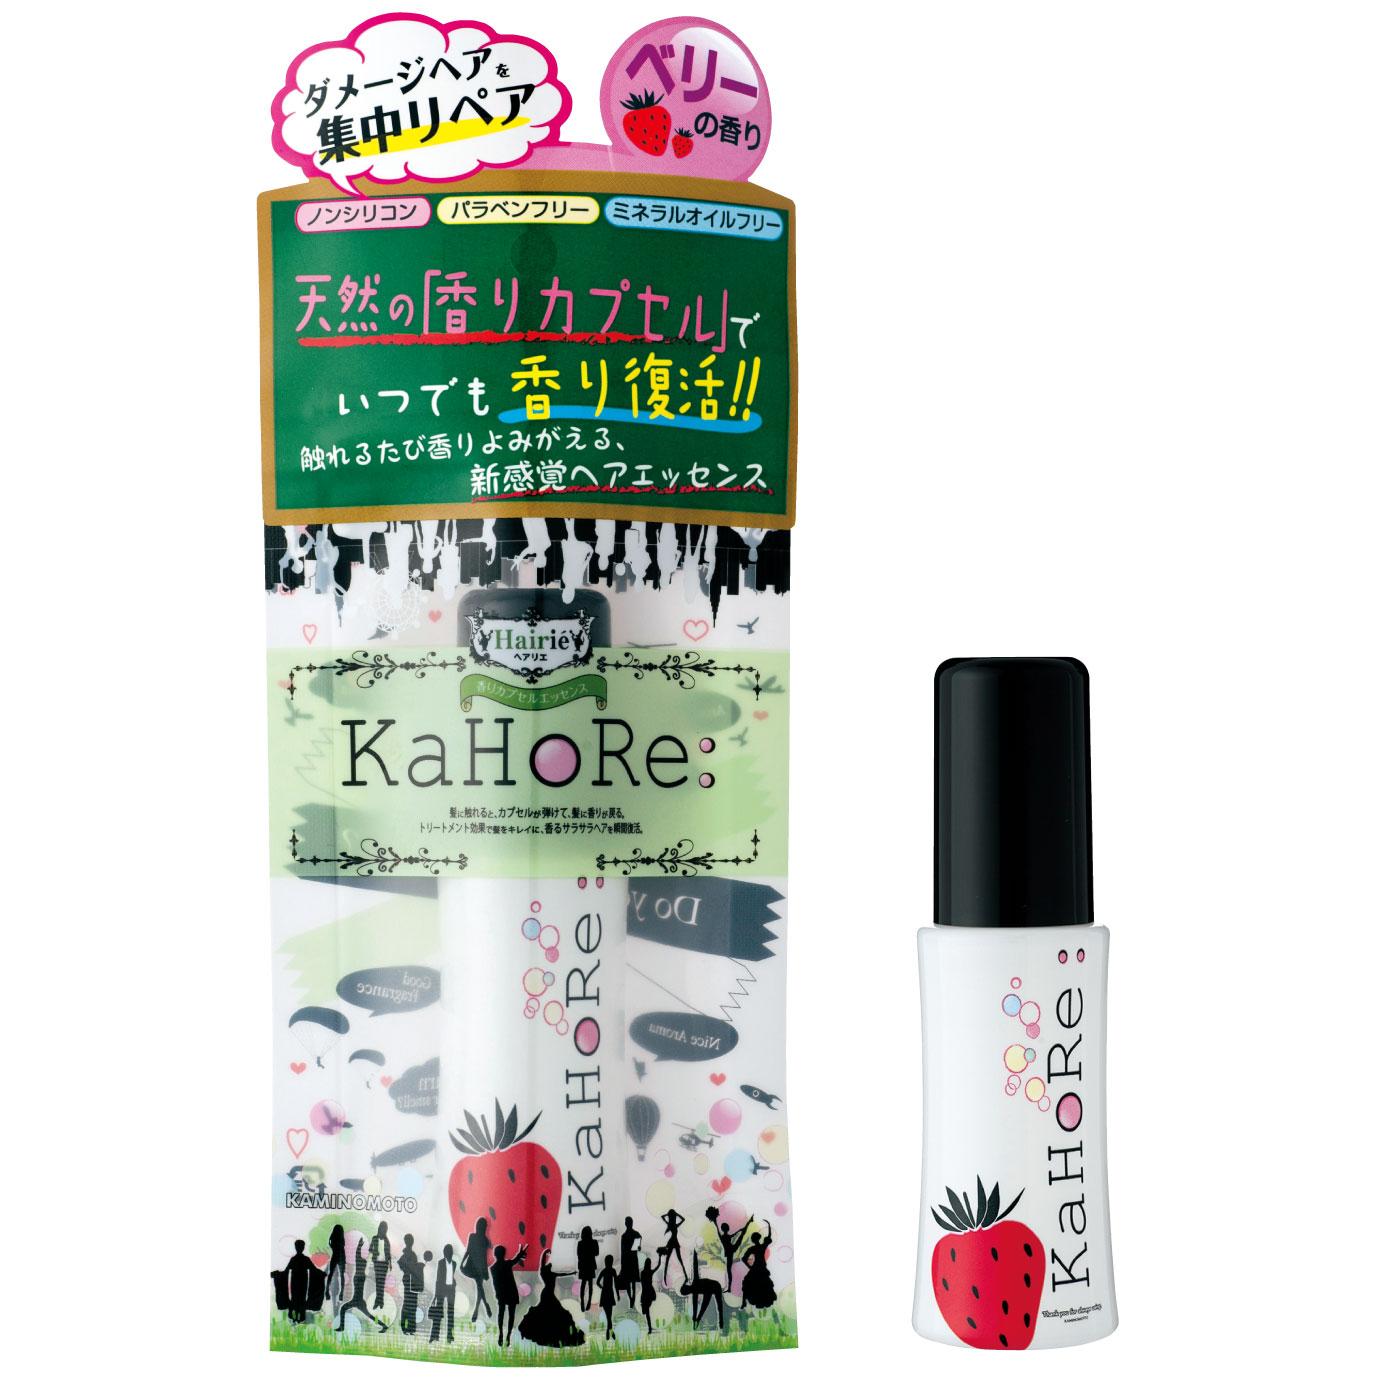 ヘアリエ KaHoRe:ヘアエッセンス ミックスベリーの香り